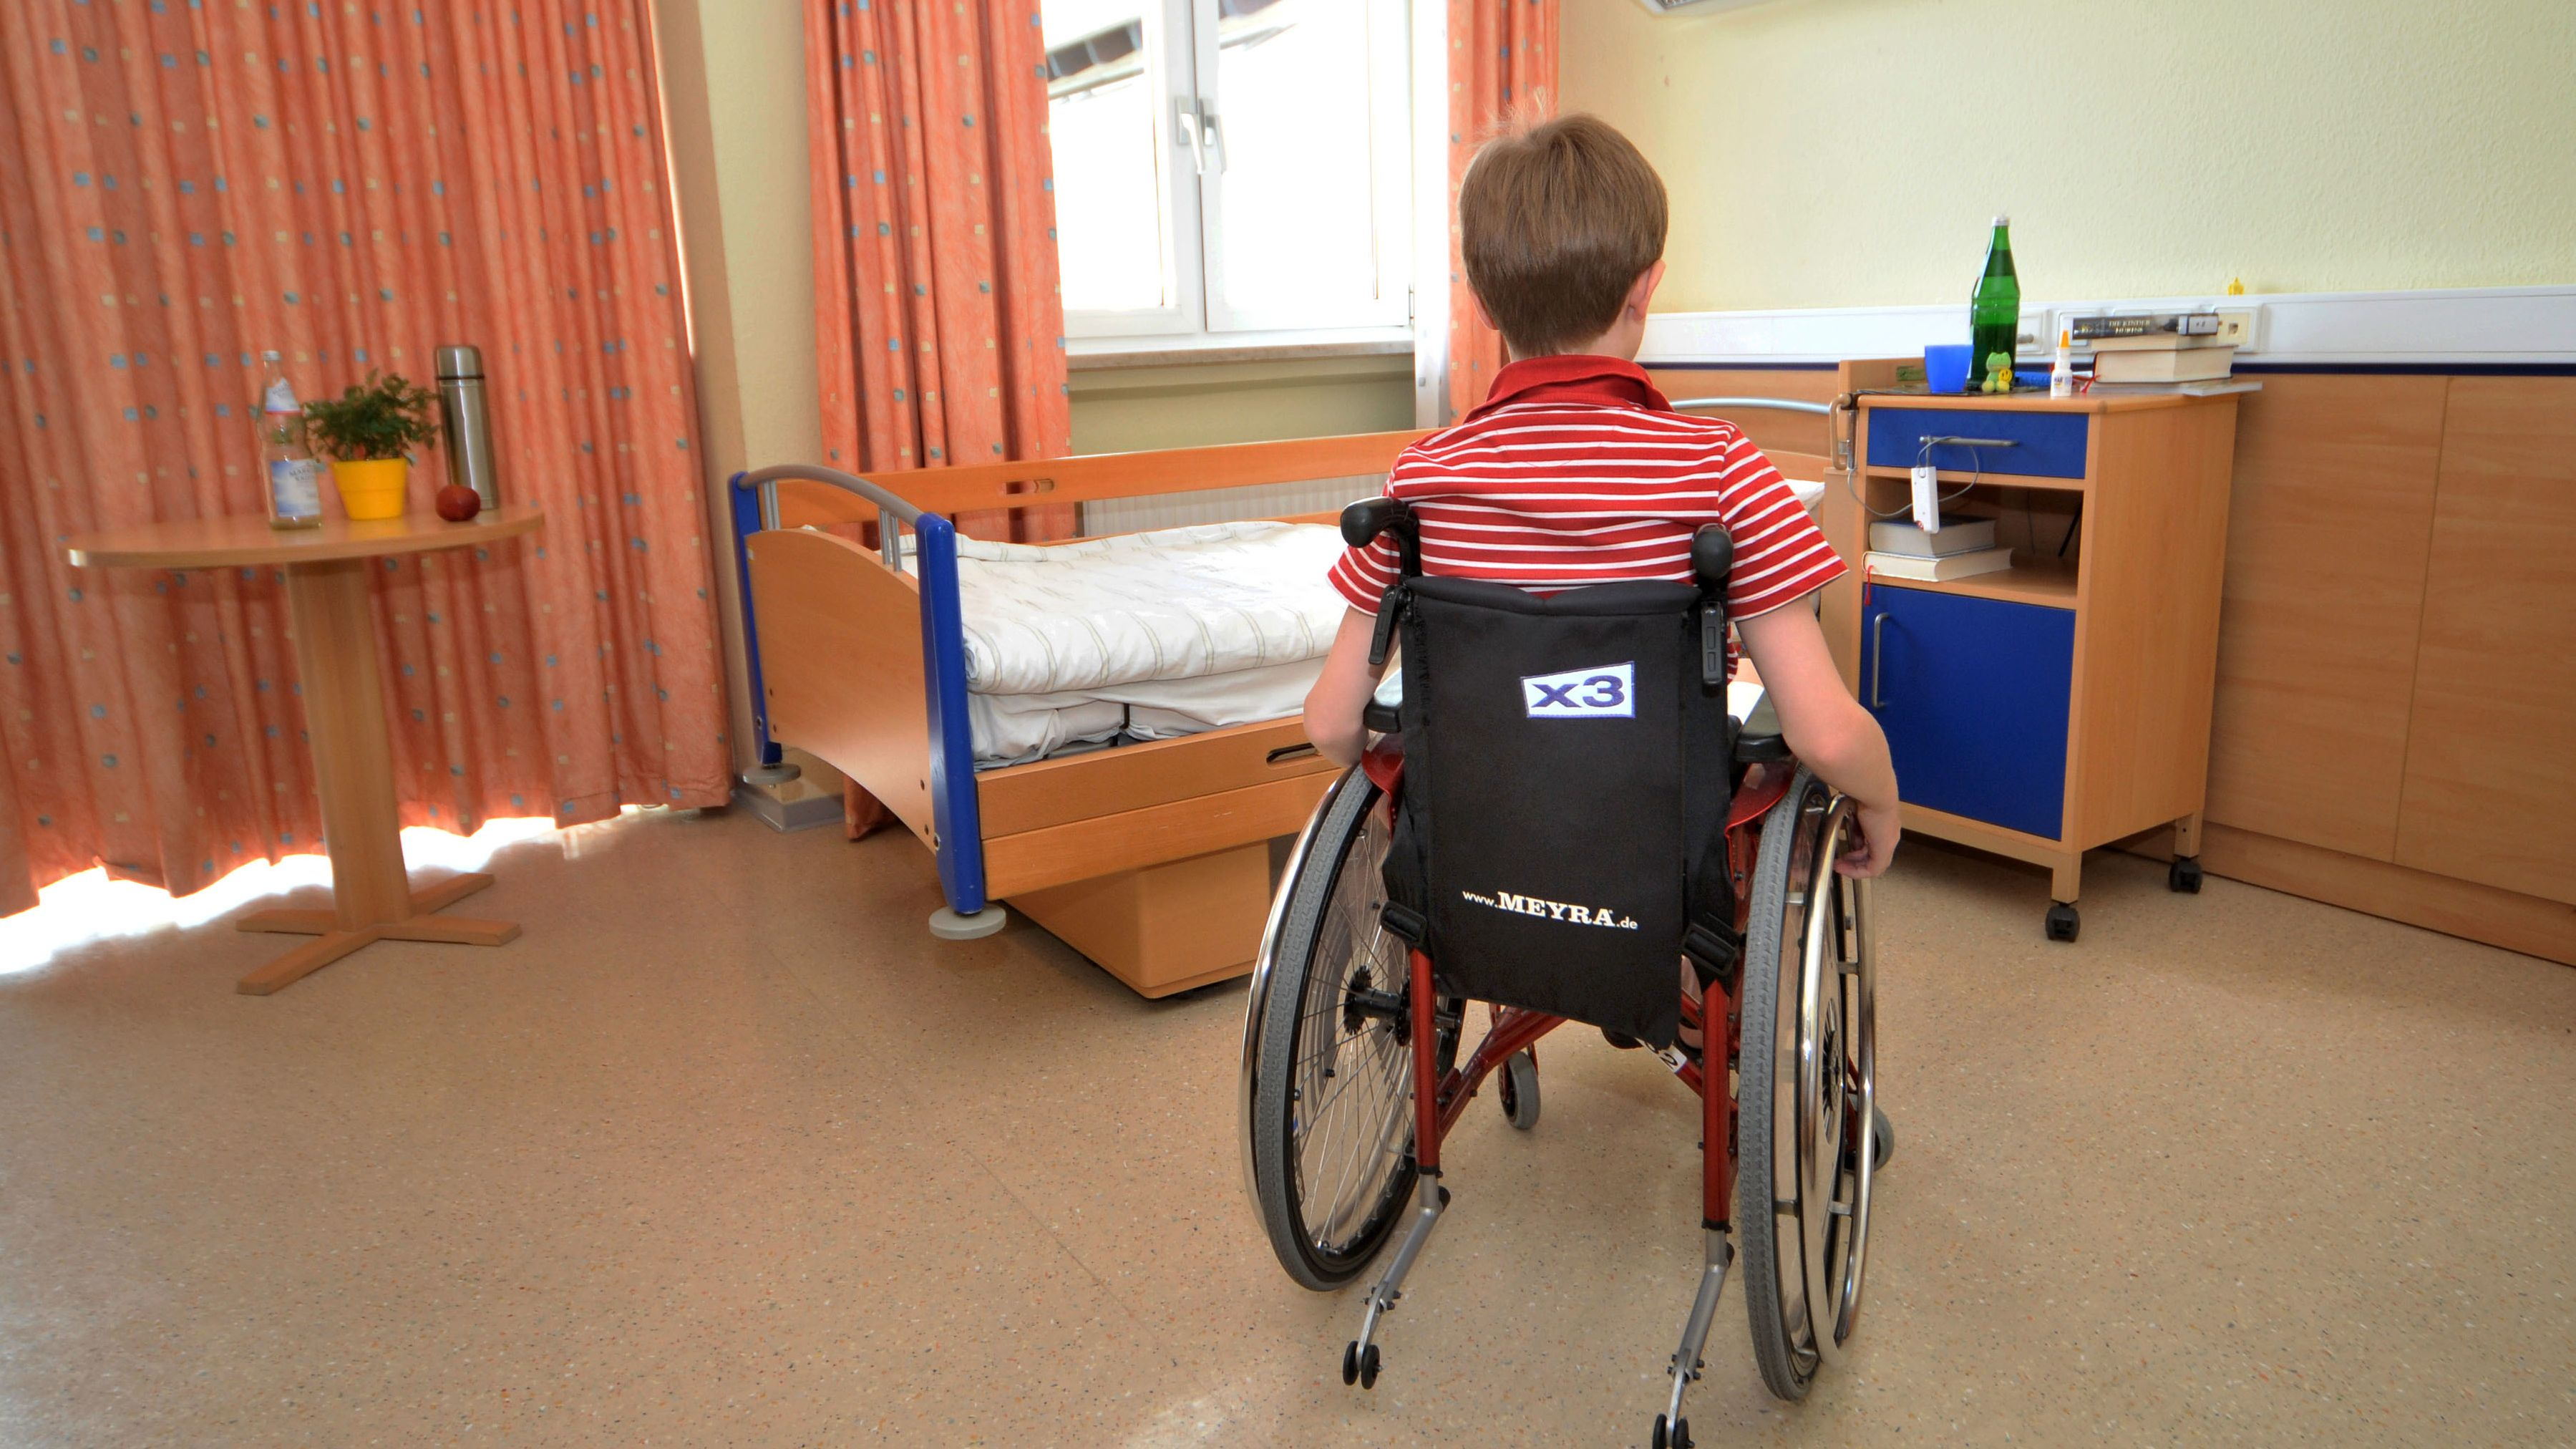 Junge im Rollstuhl in einem Wonheim-Zimmer (Symbolbild)